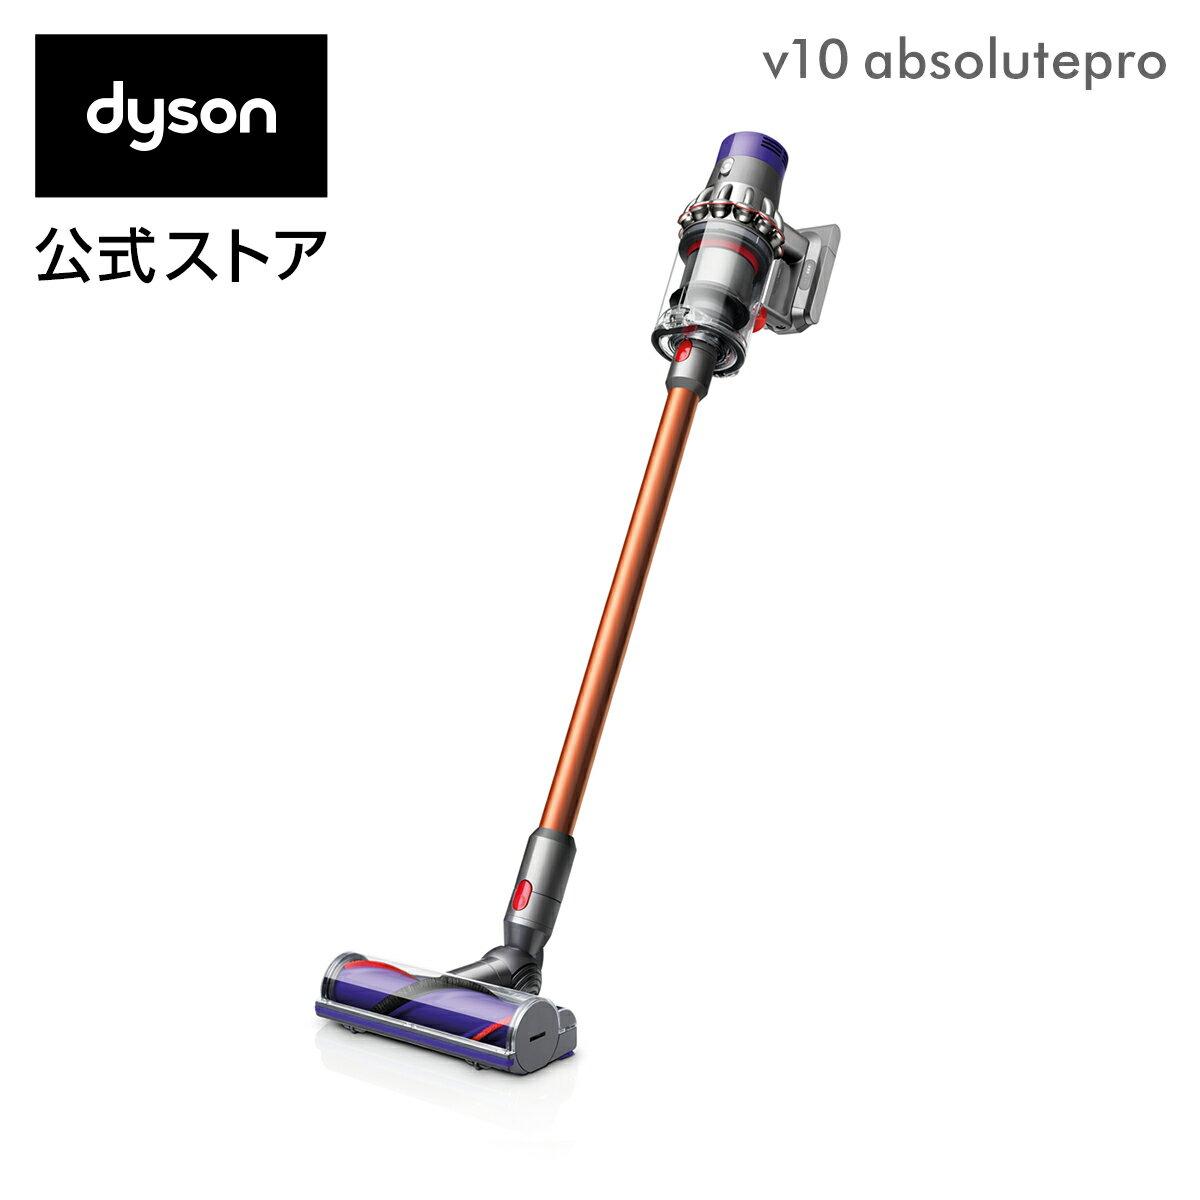 ダイソン Dyson Cyclone V10 Absolutepro サイクロン式 コードレス掃除機 dyson SV12ABL 2018年モデル